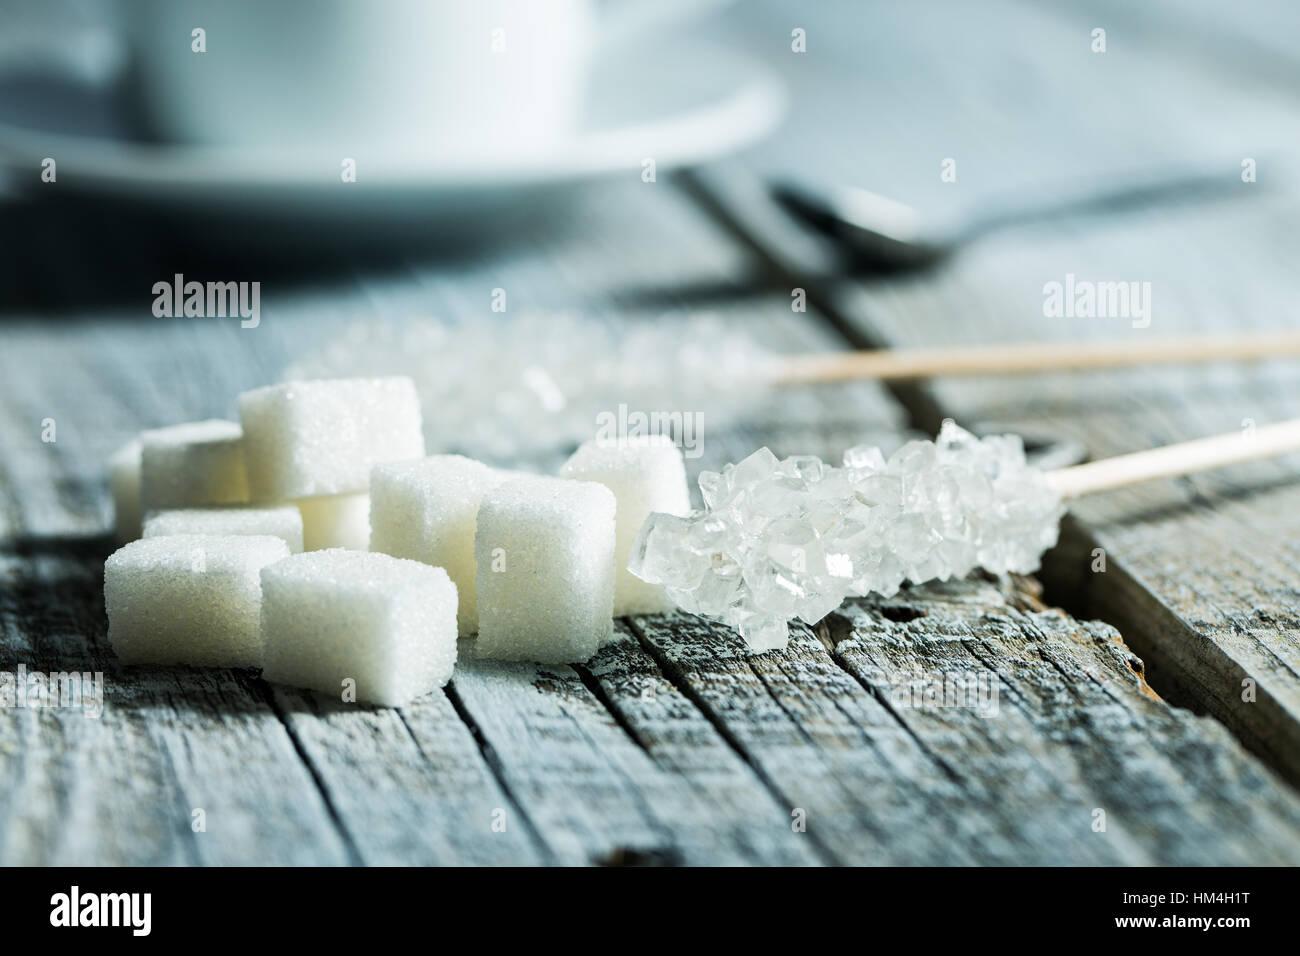 Lo zucchero cristallizzato sul bastone di legno e cubetti di zucchero sul tavolo di legno. Immagini Stock